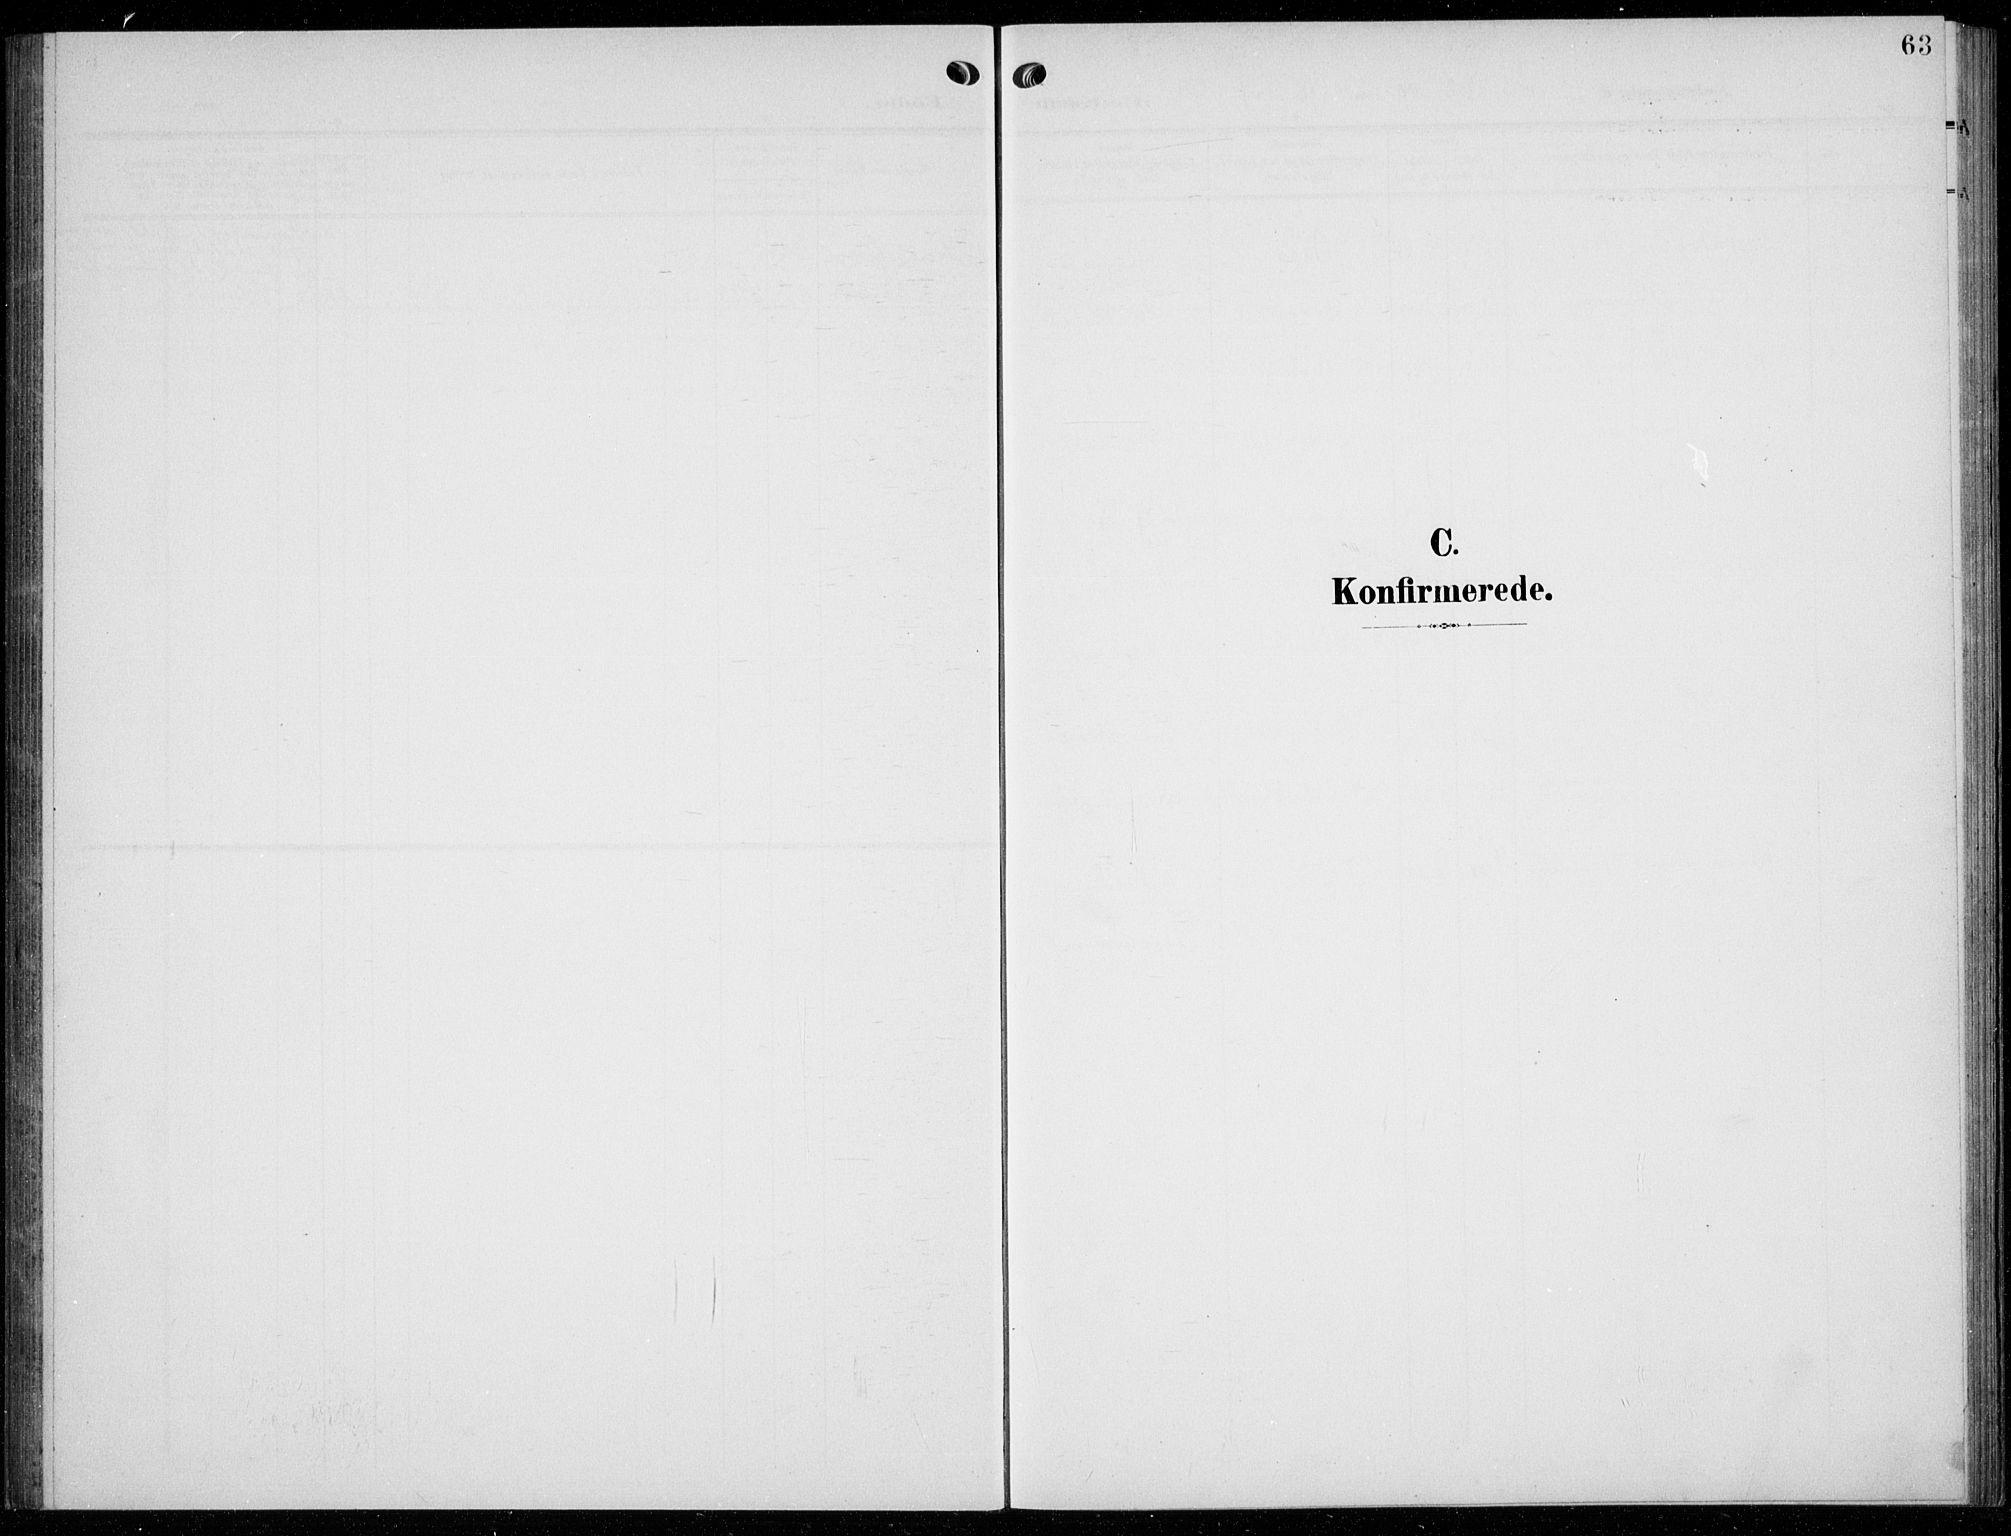 SAKO, Solum kirkebøker, G/Gc/L0002: Klokkerbok nr. III 2, 1902-1934, s. 63